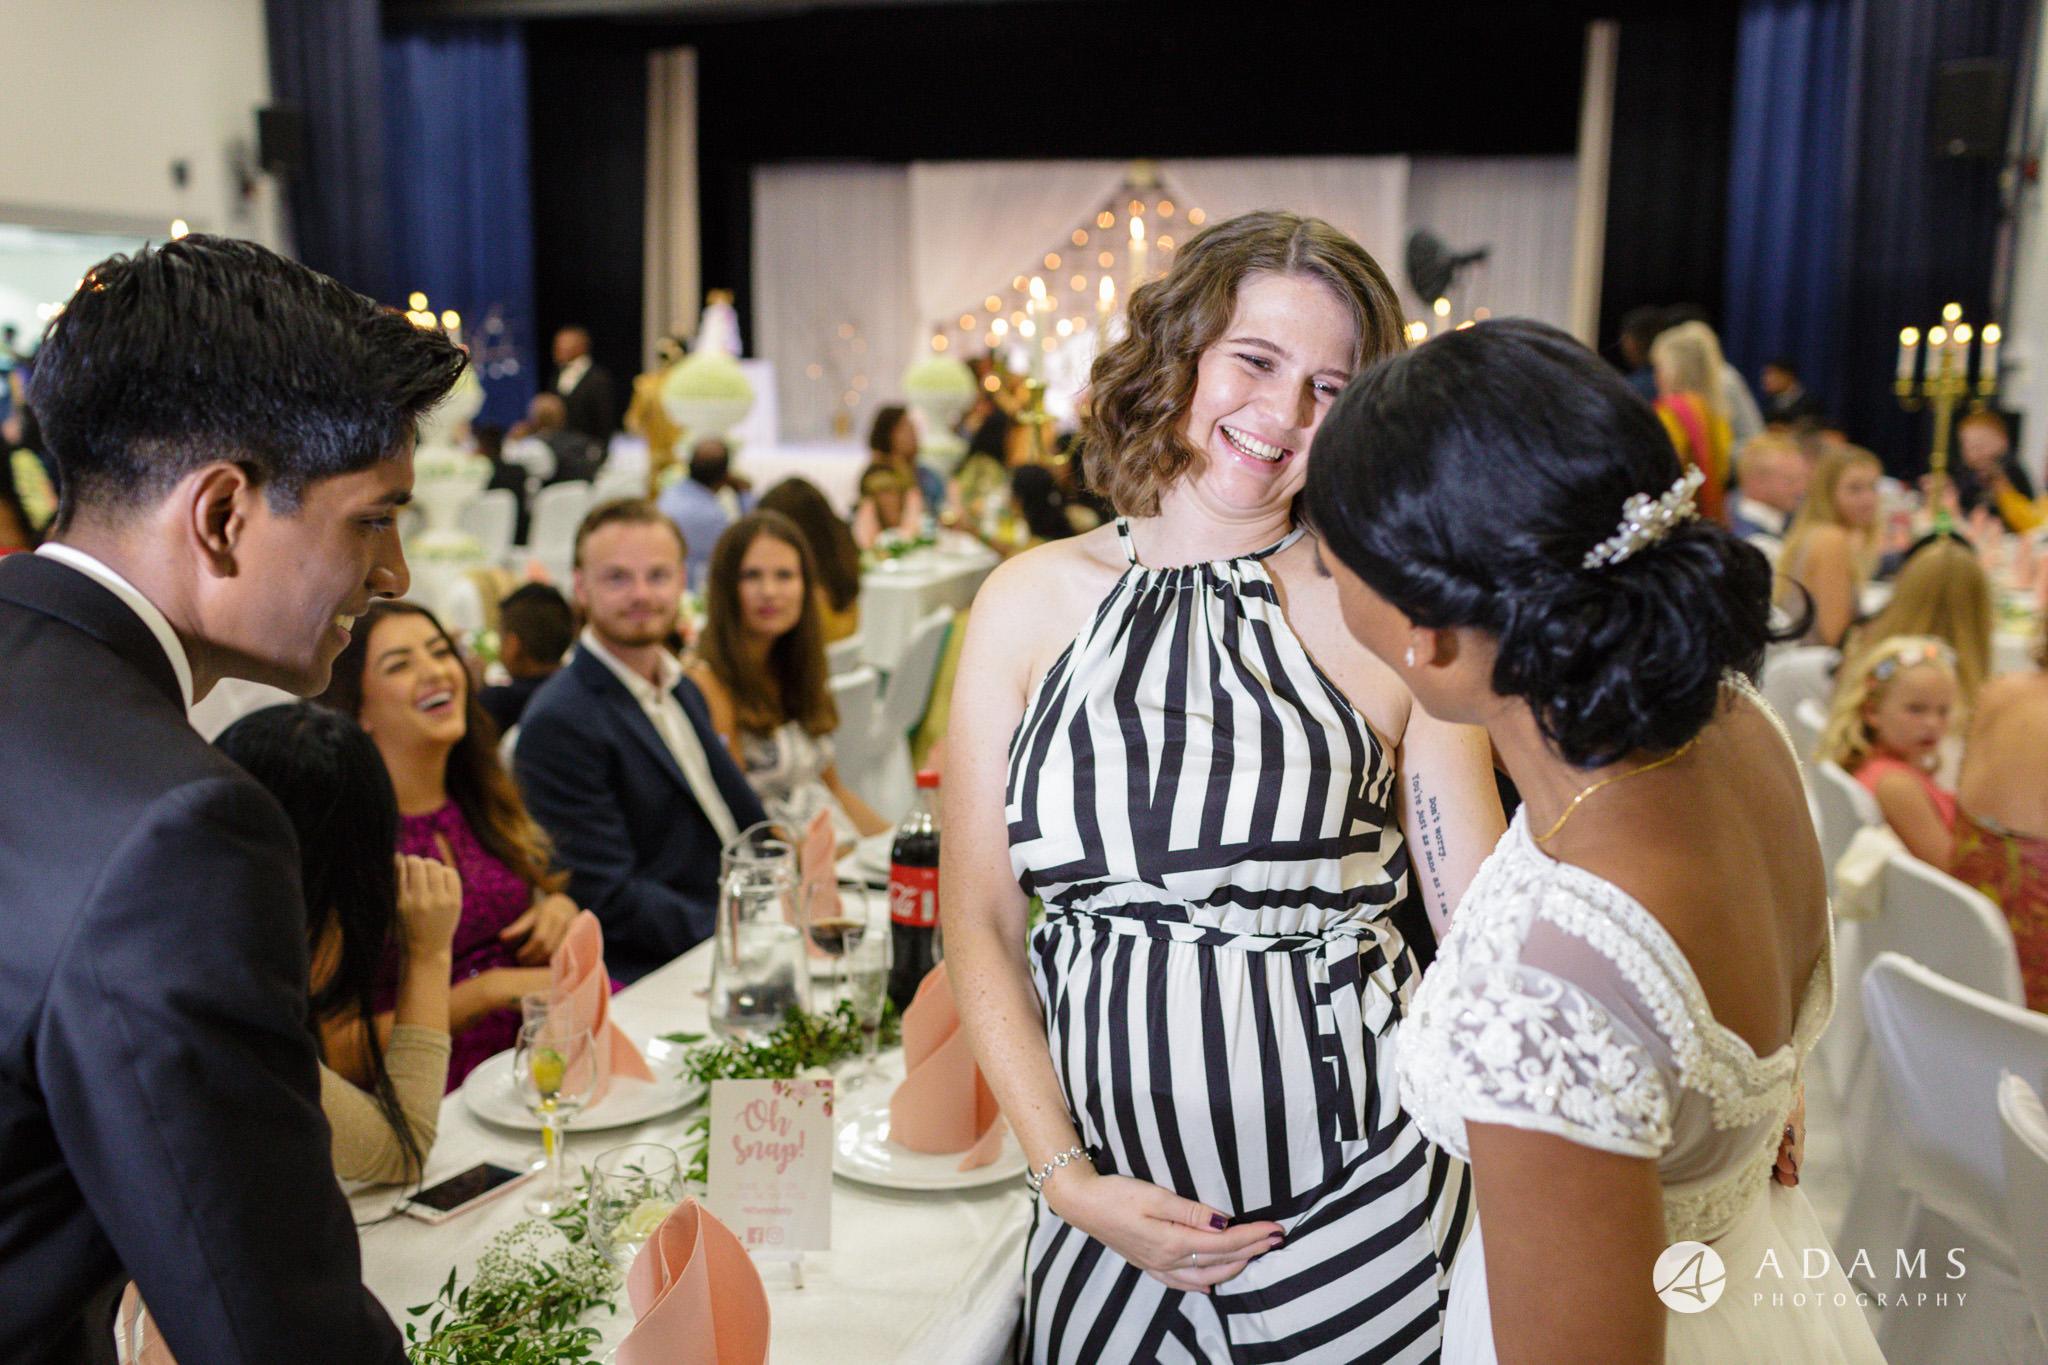 Norway Tamil Wedding guests